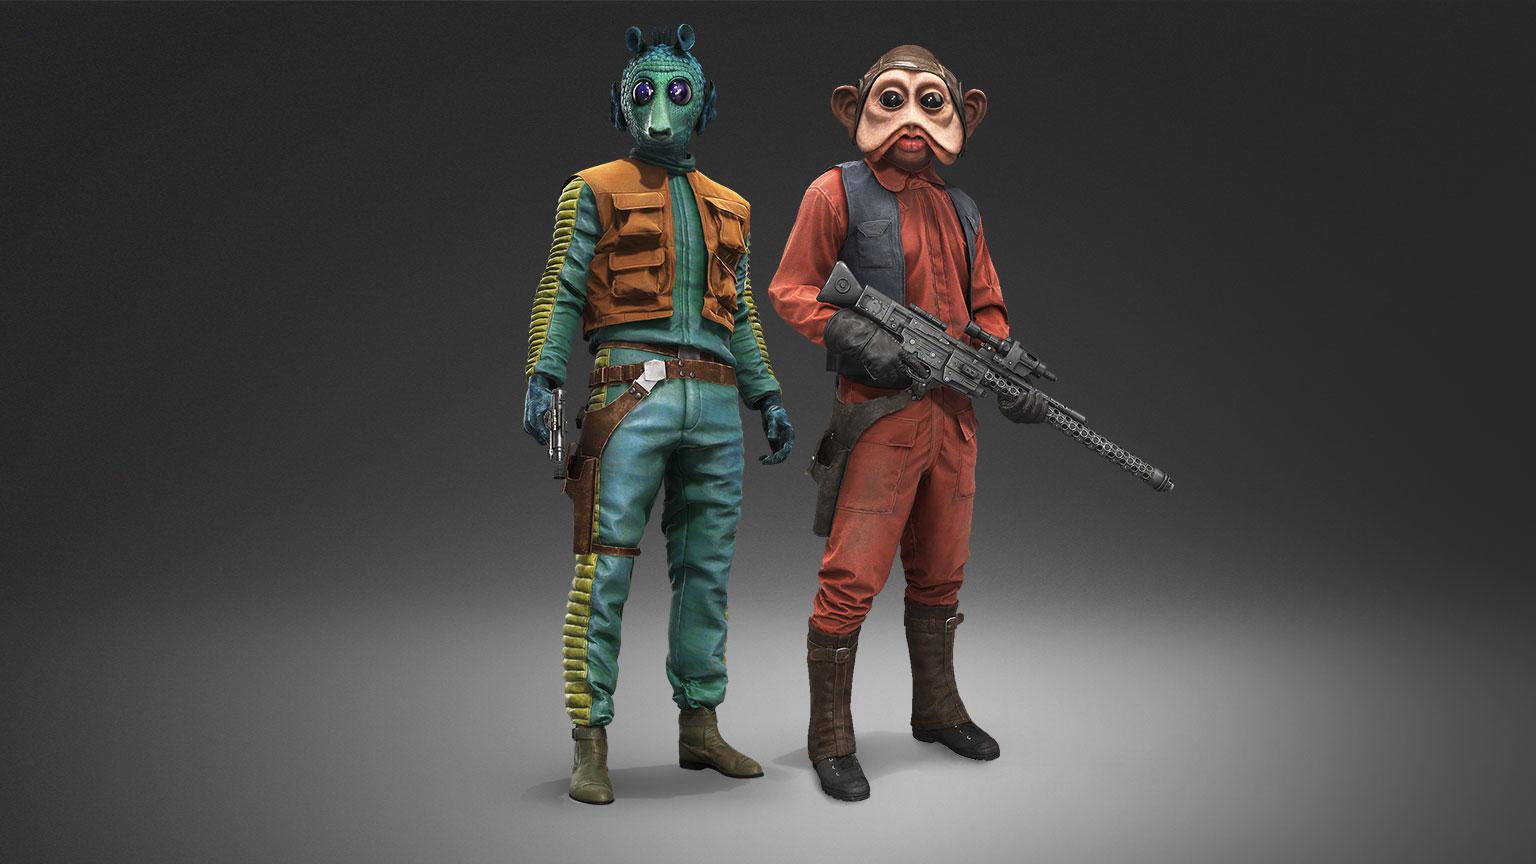 Details On Star Wars Battlefront Outer Rim Expansion Pack